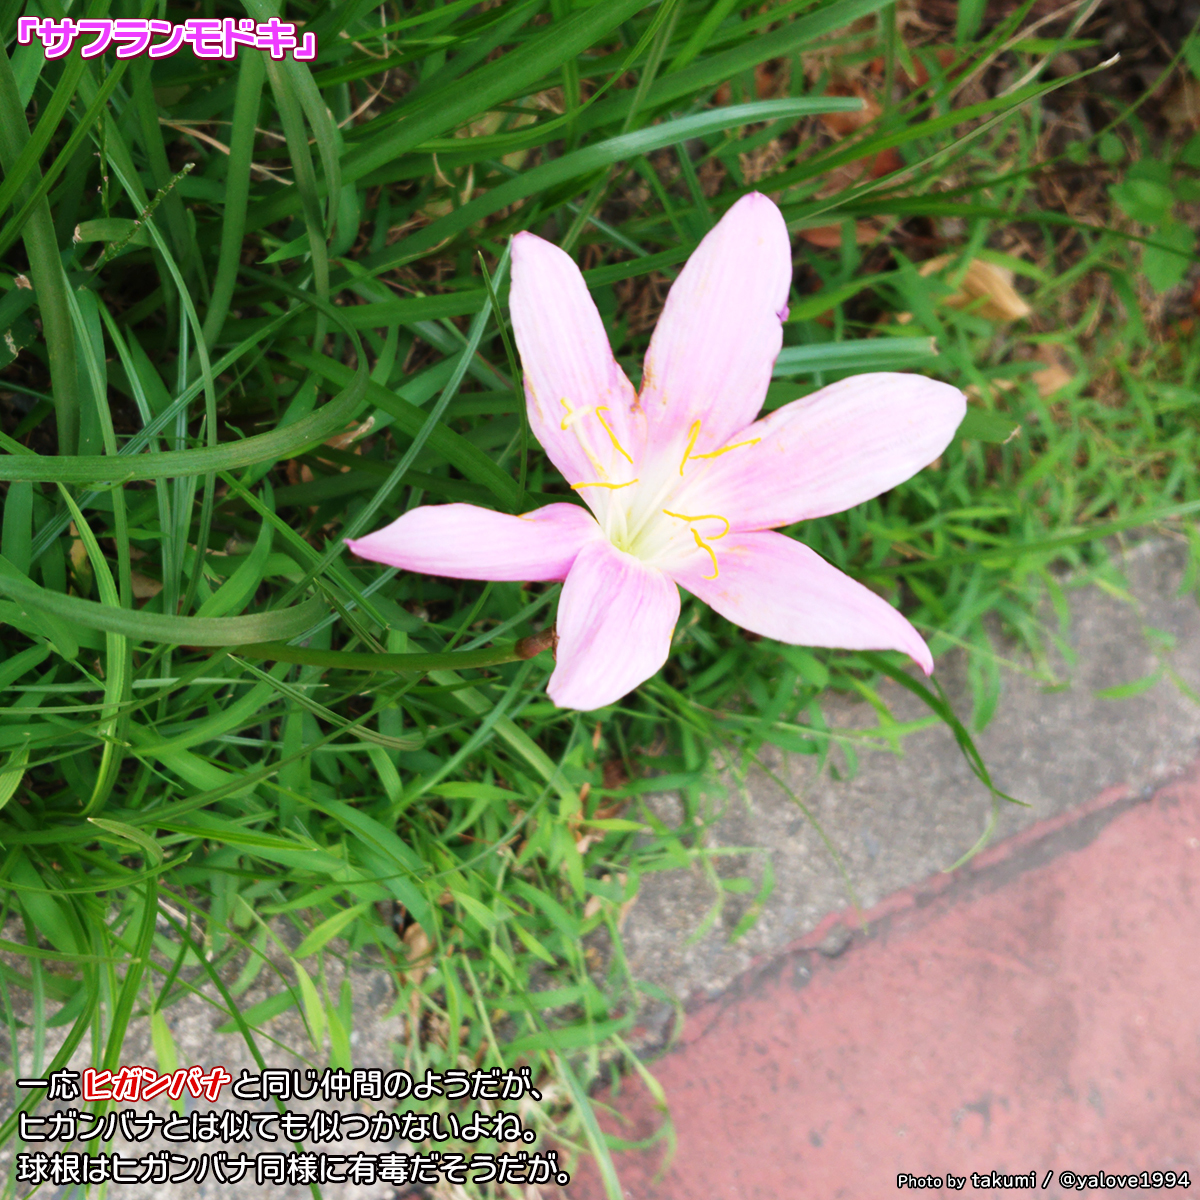 DSC_0005_BURST20200914150324309.jpg